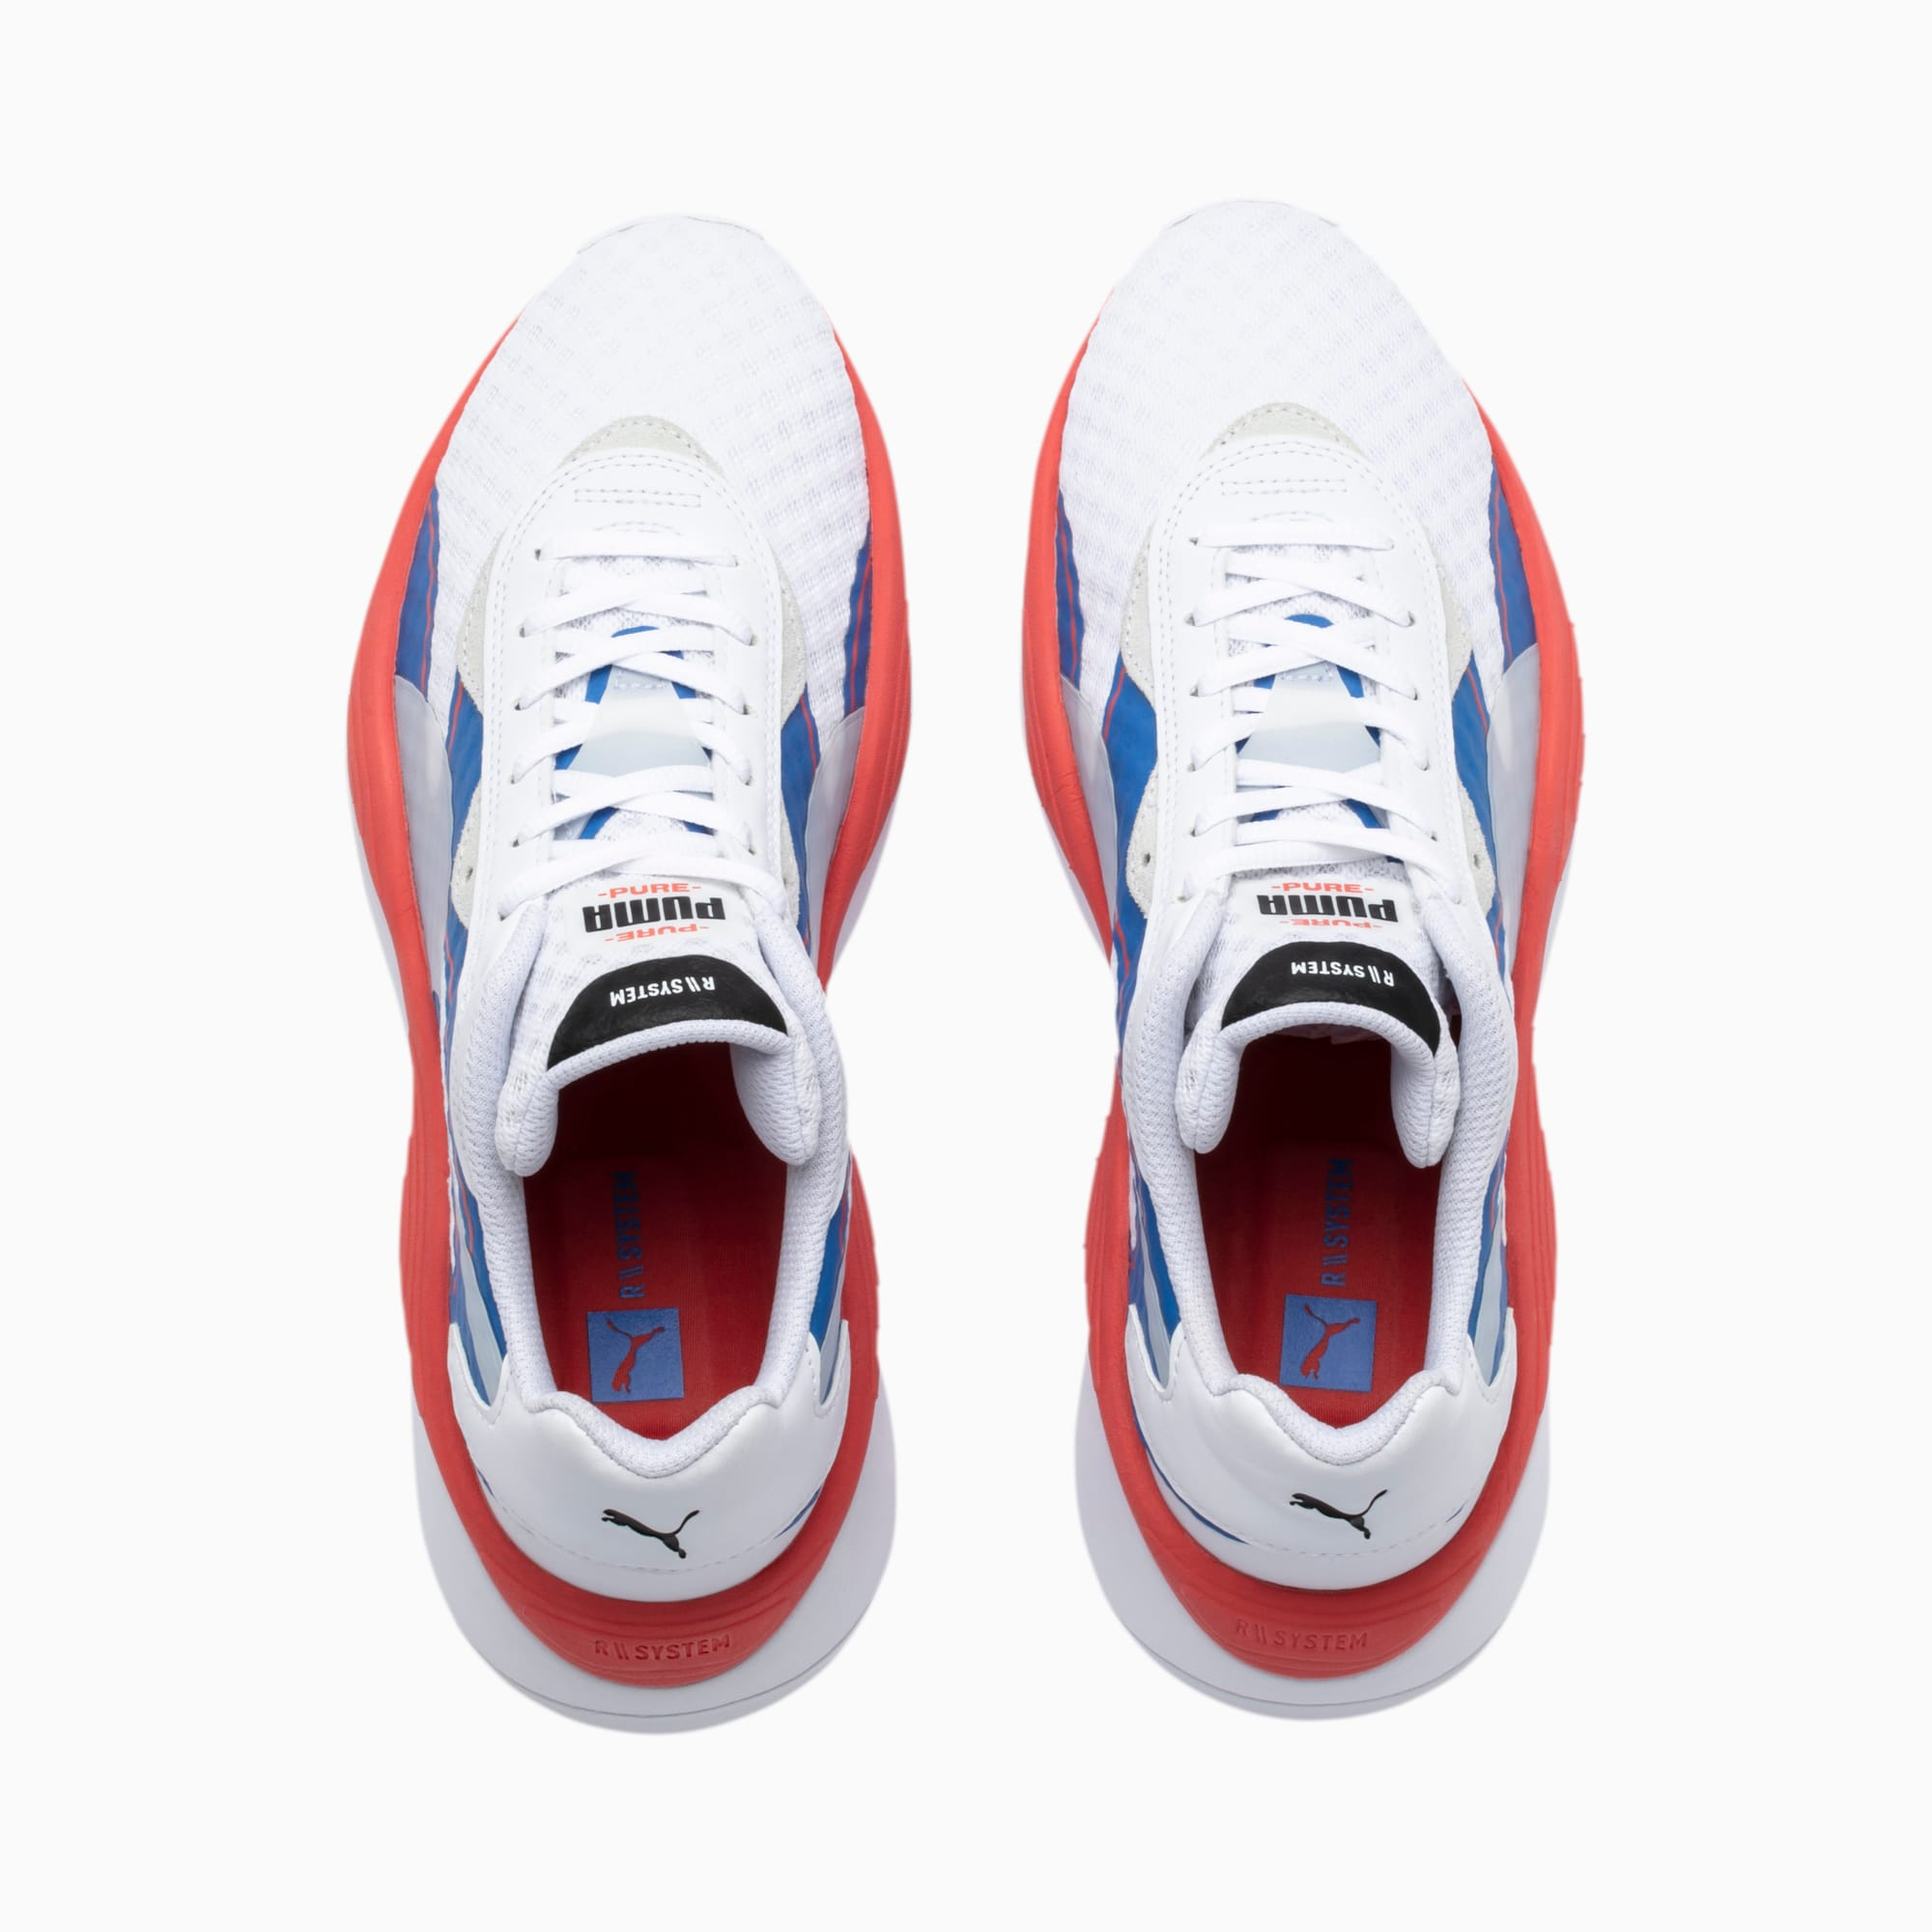 puma r system scarpe